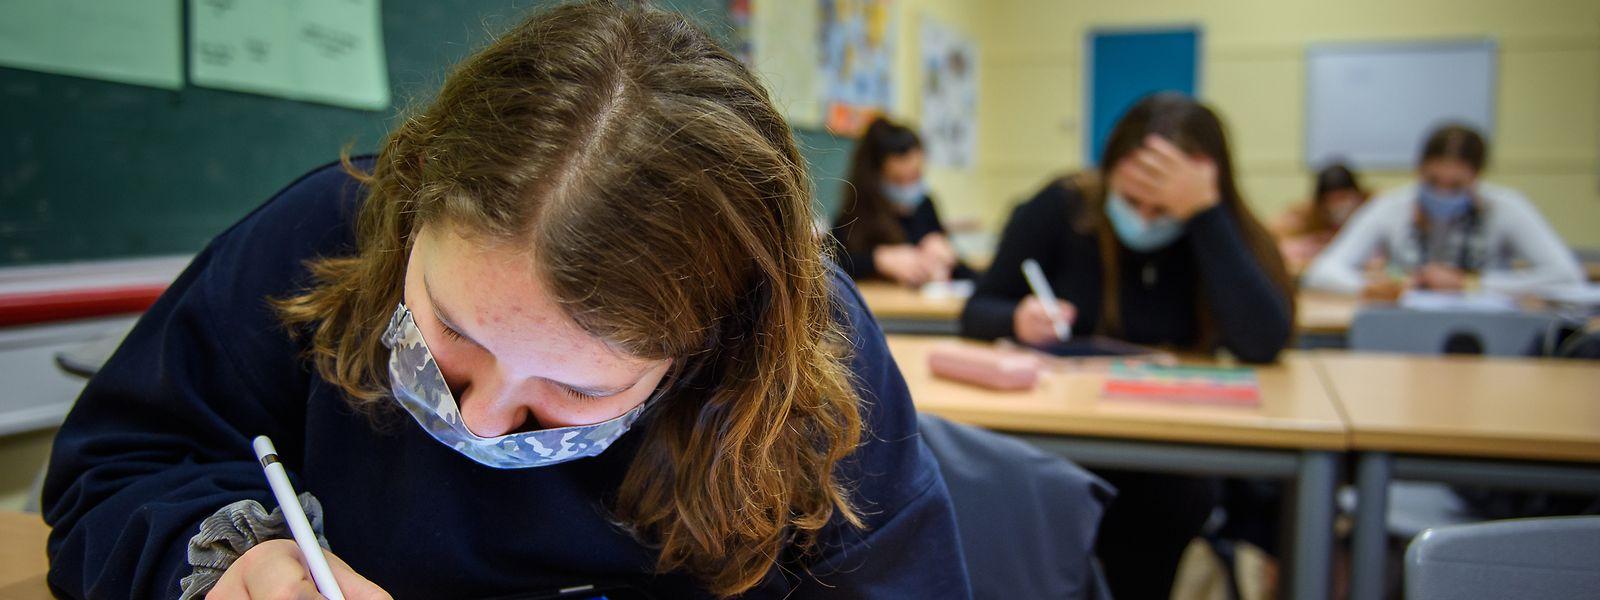 «A Belair, près d'un tiers des écoliers n'habitent pas le quartier, mais viennent de Bonnevoie, du quartier Gare ou de Rollingergrund», déclare Tom Krieps.